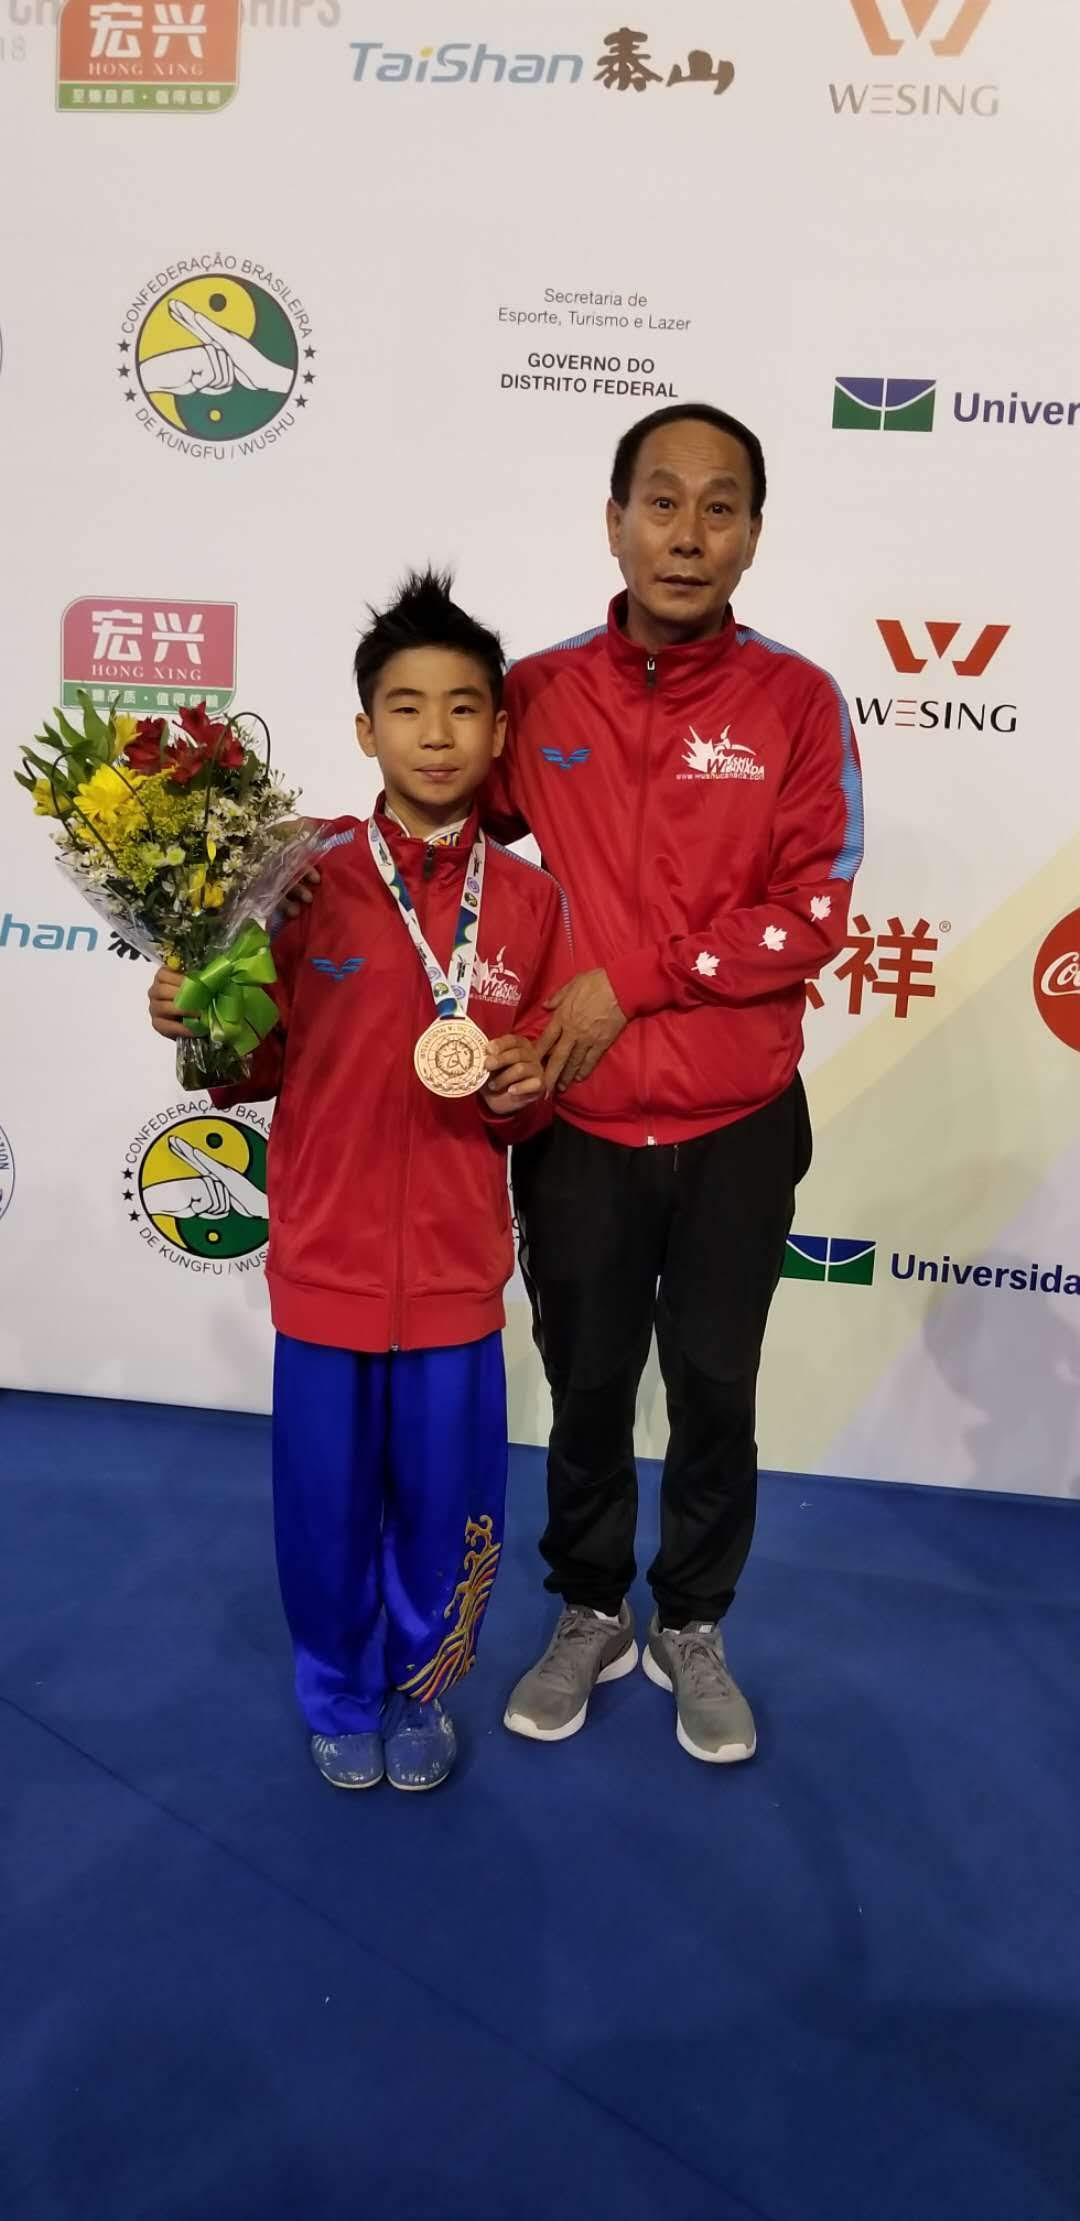 wayland-li-wushu-world-junior-wushu-brazil-team-canada-2018-26.jpg